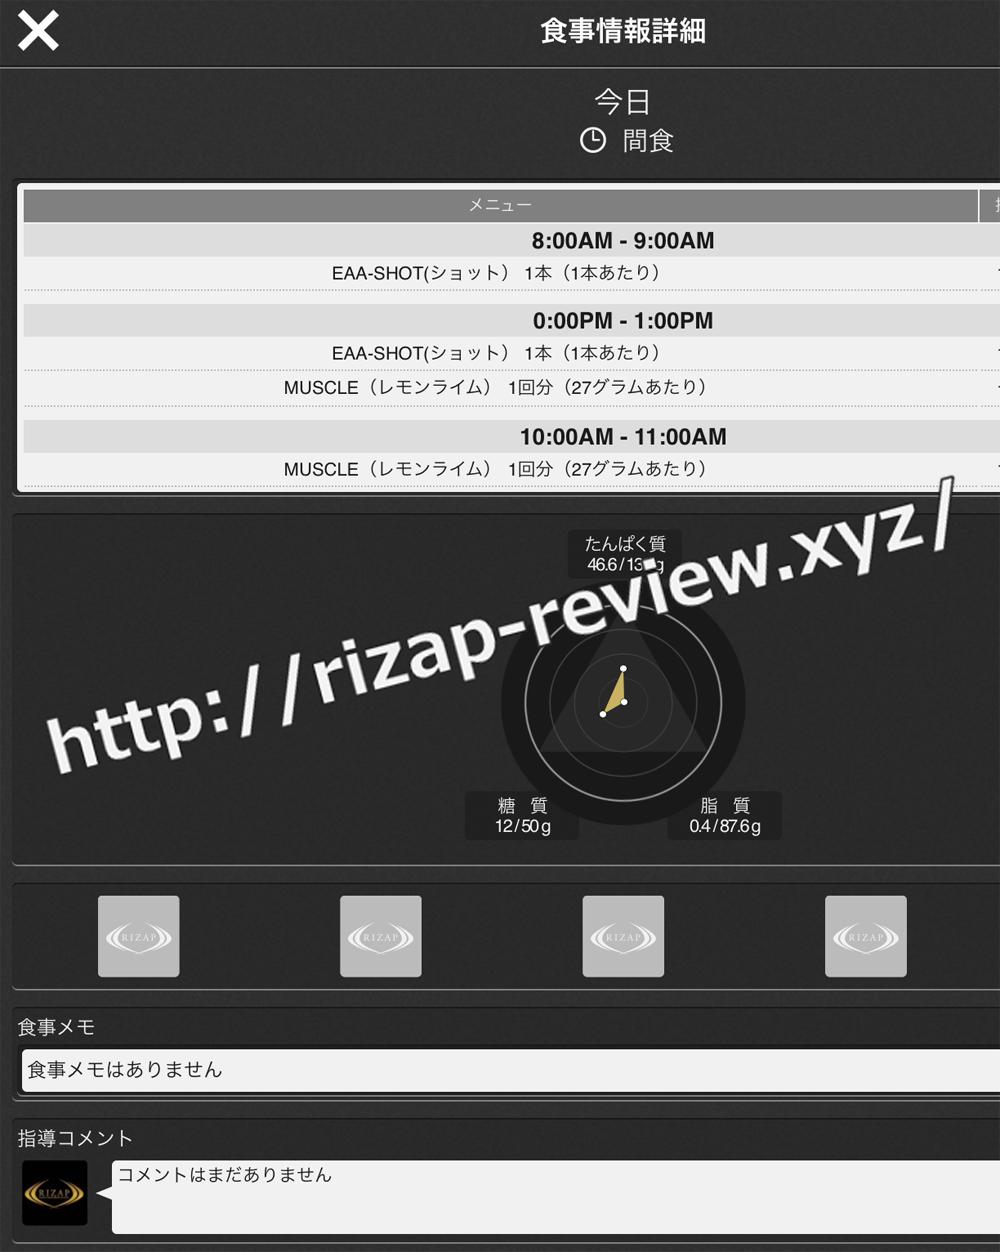 2018.9.27(木)ライザップ流の間食